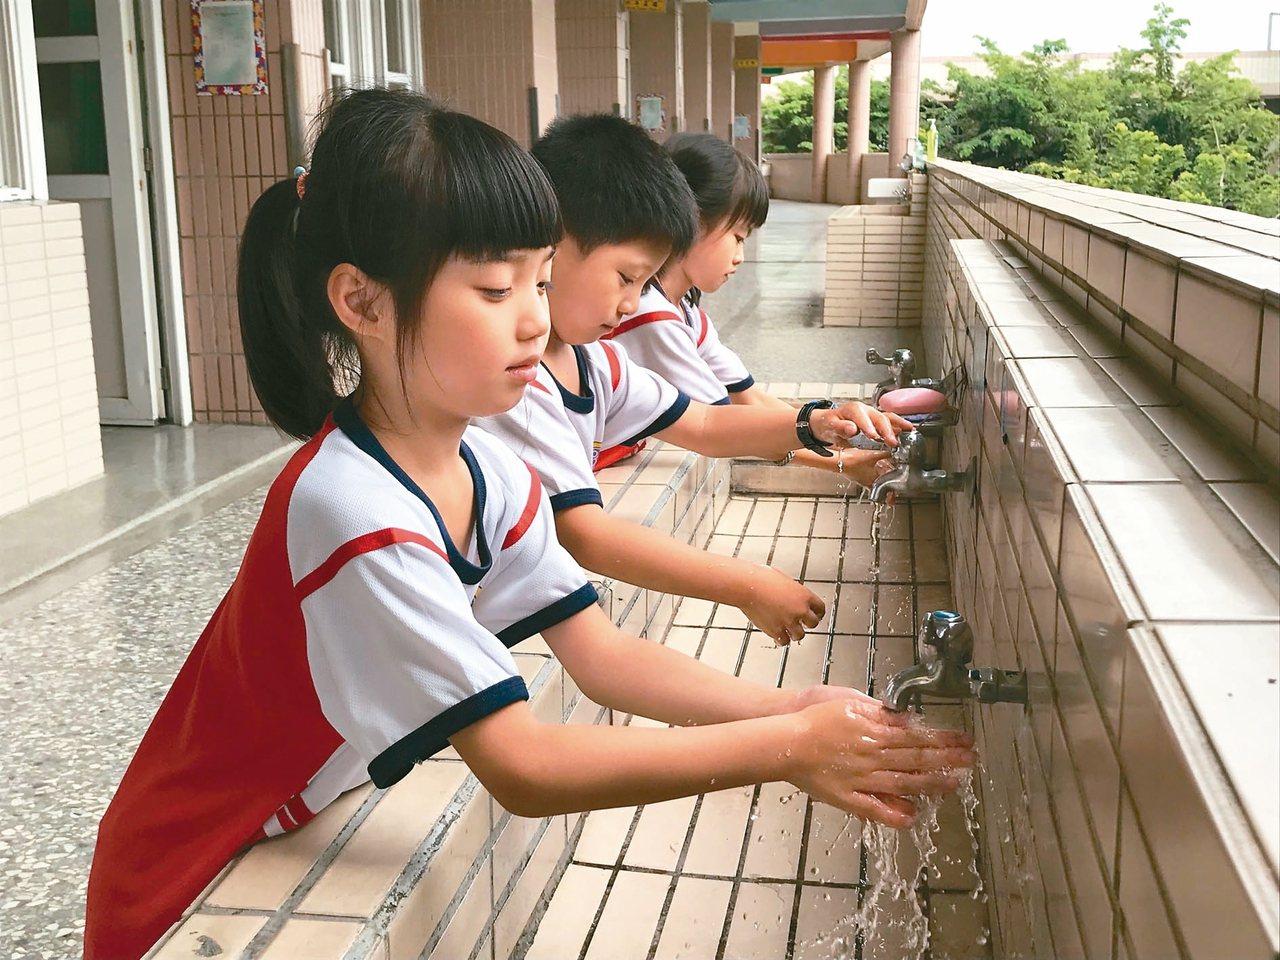 雲林縣上周新增兩名流感合併重症案例,斗六市鎮南國小加強宣導小朋友勤洗手、戴口罩做...